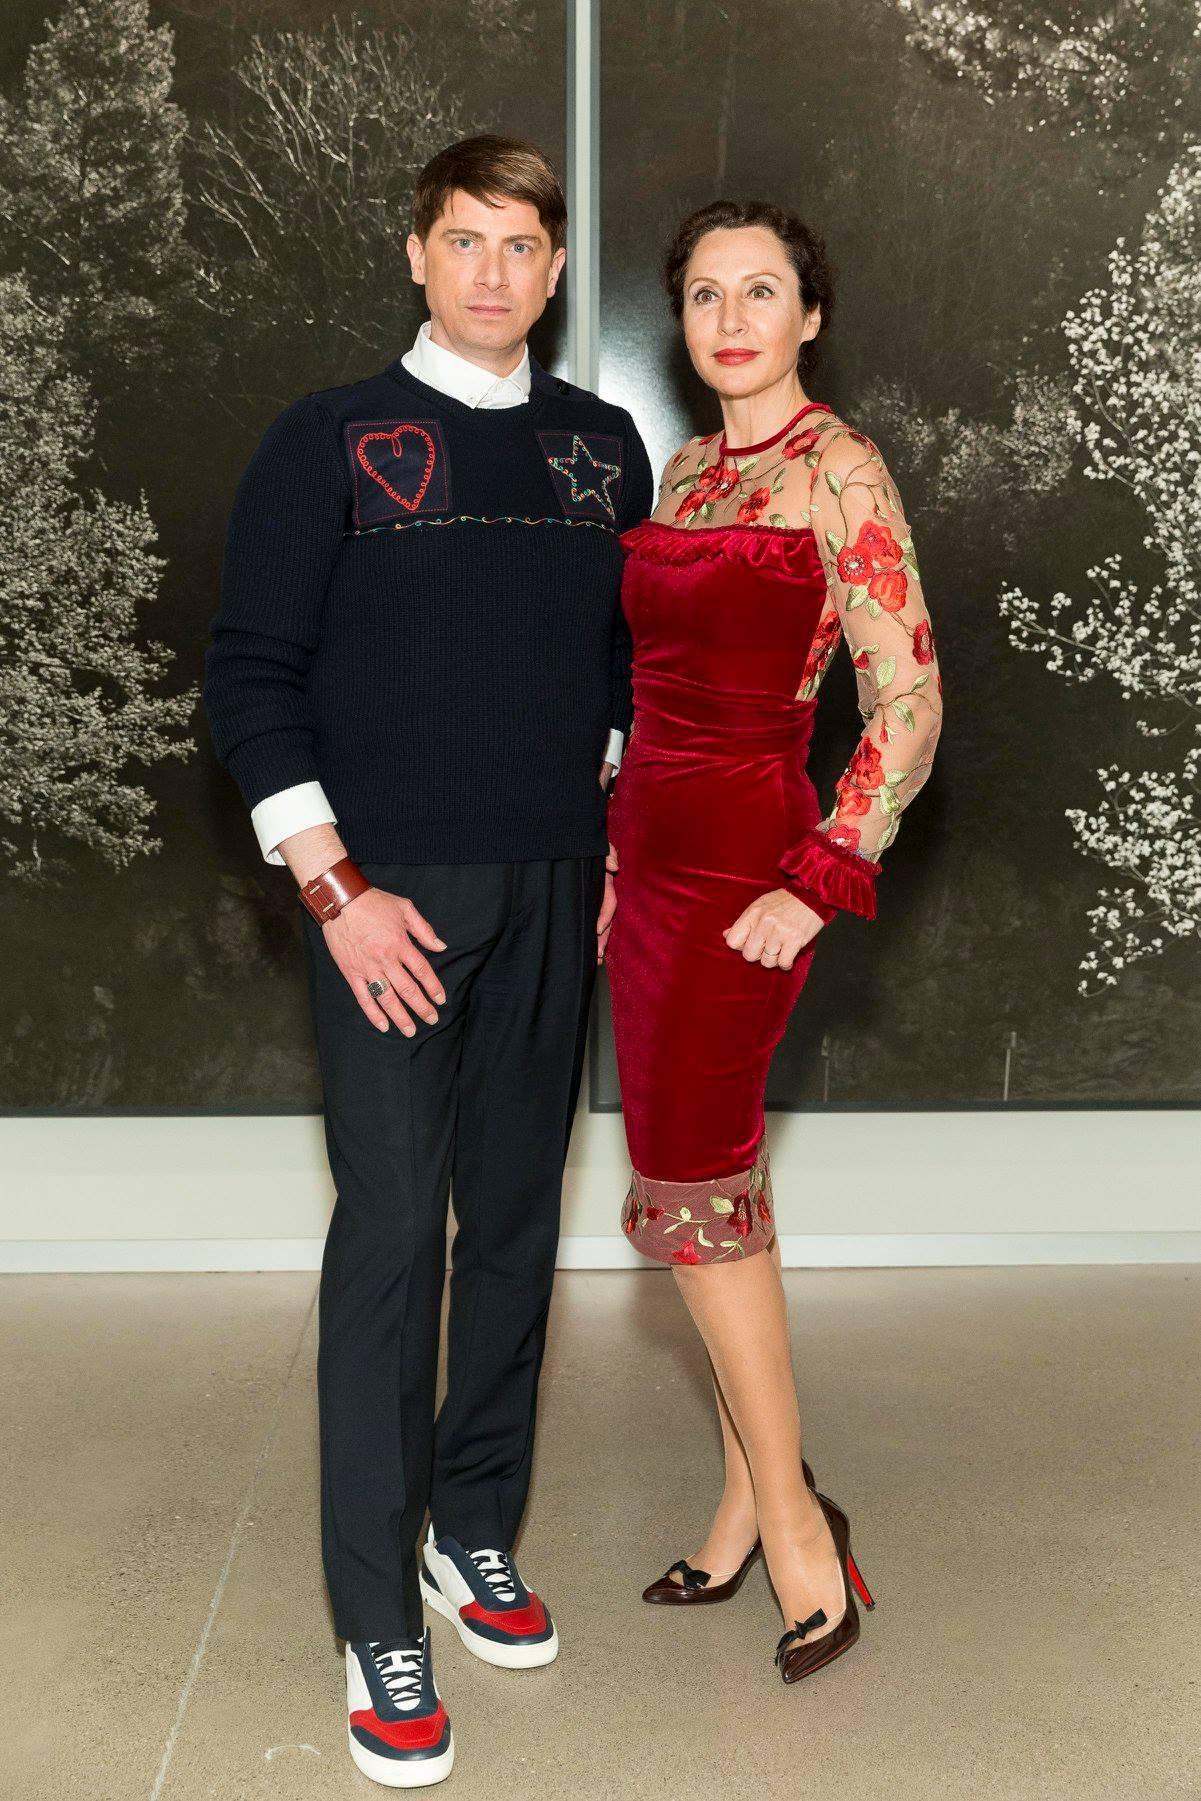 Aubrey Brewster with Clara Shayevich (Photo-Drew Altizer)